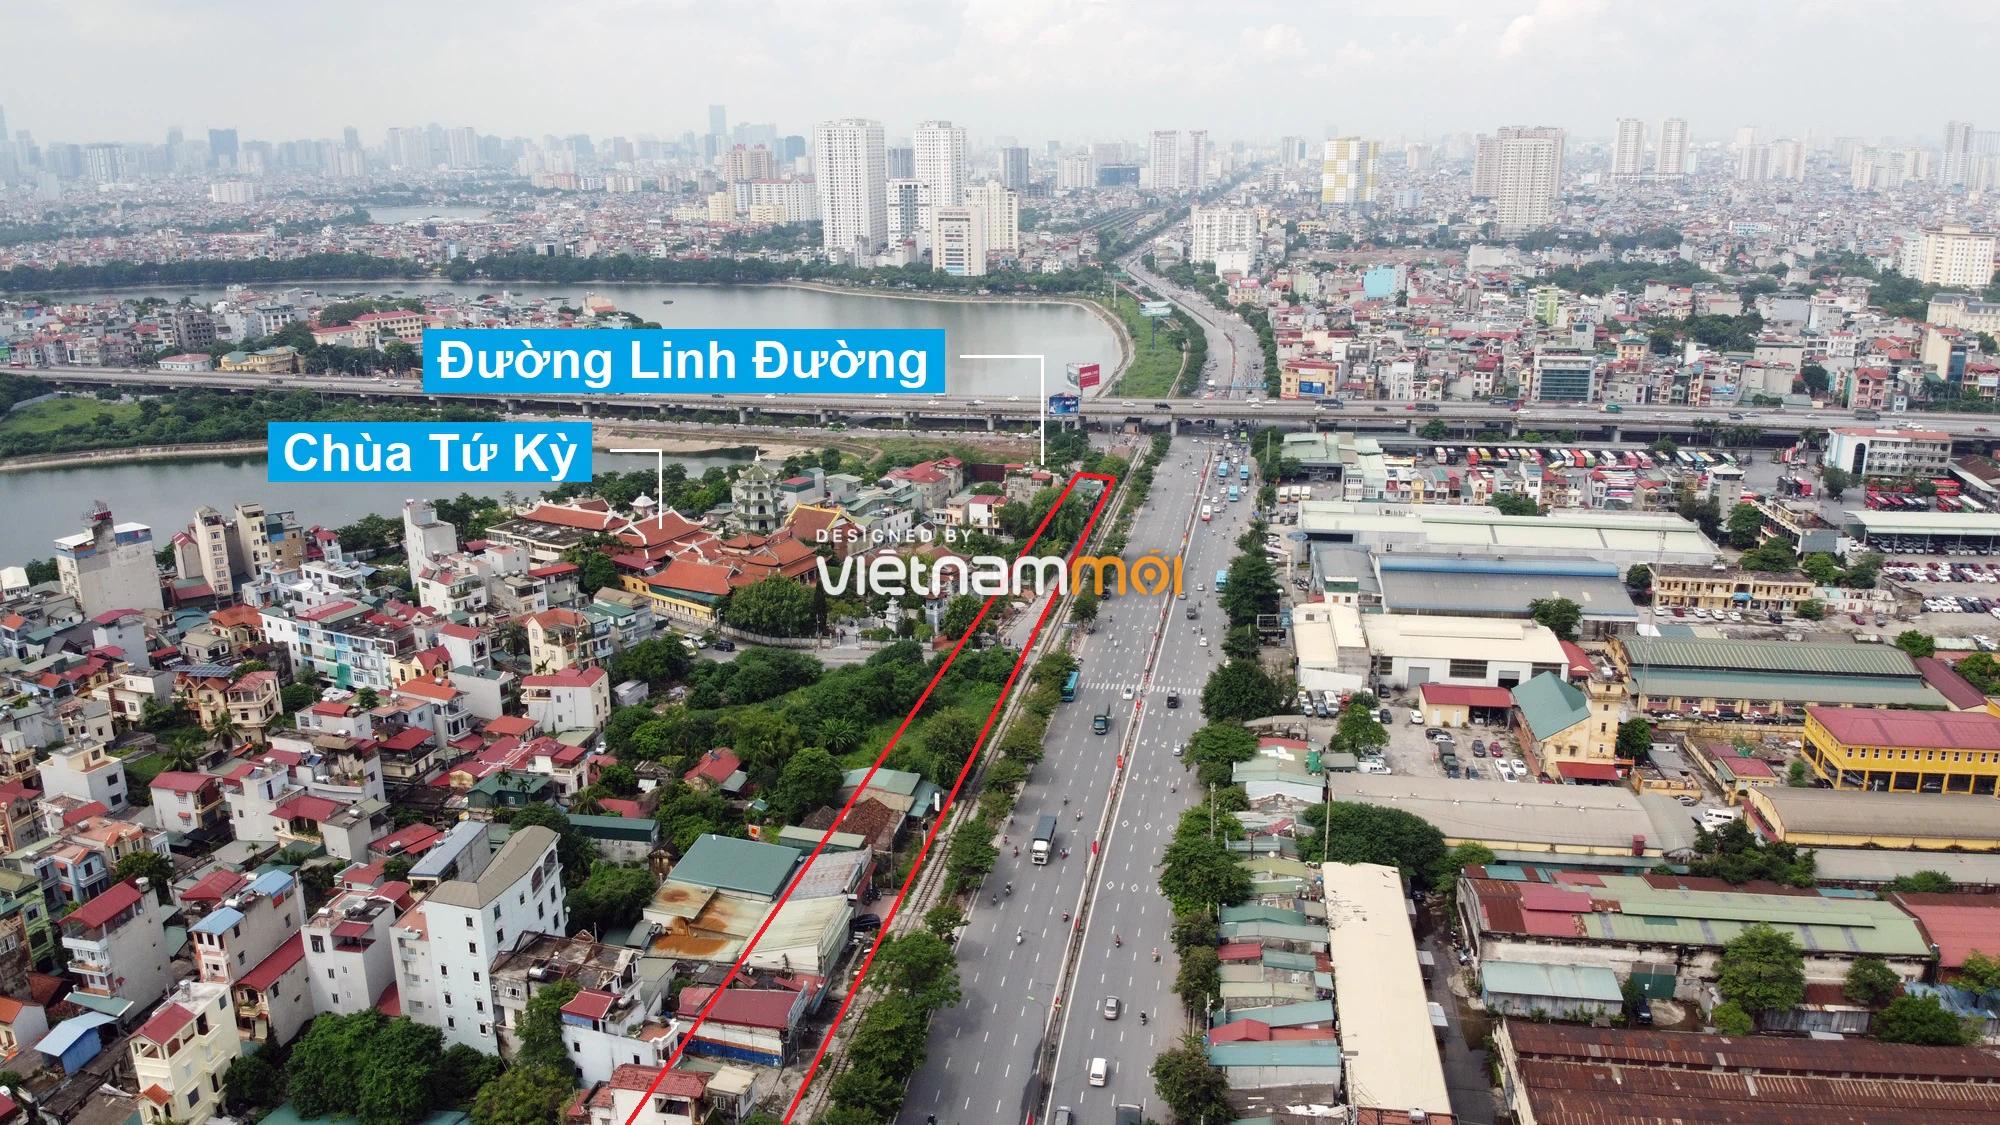 Những khu đất sắp thu hồi để mở đường ở quận Hoàng Mai, Hà Nội (phần 2) - Ảnh 6.